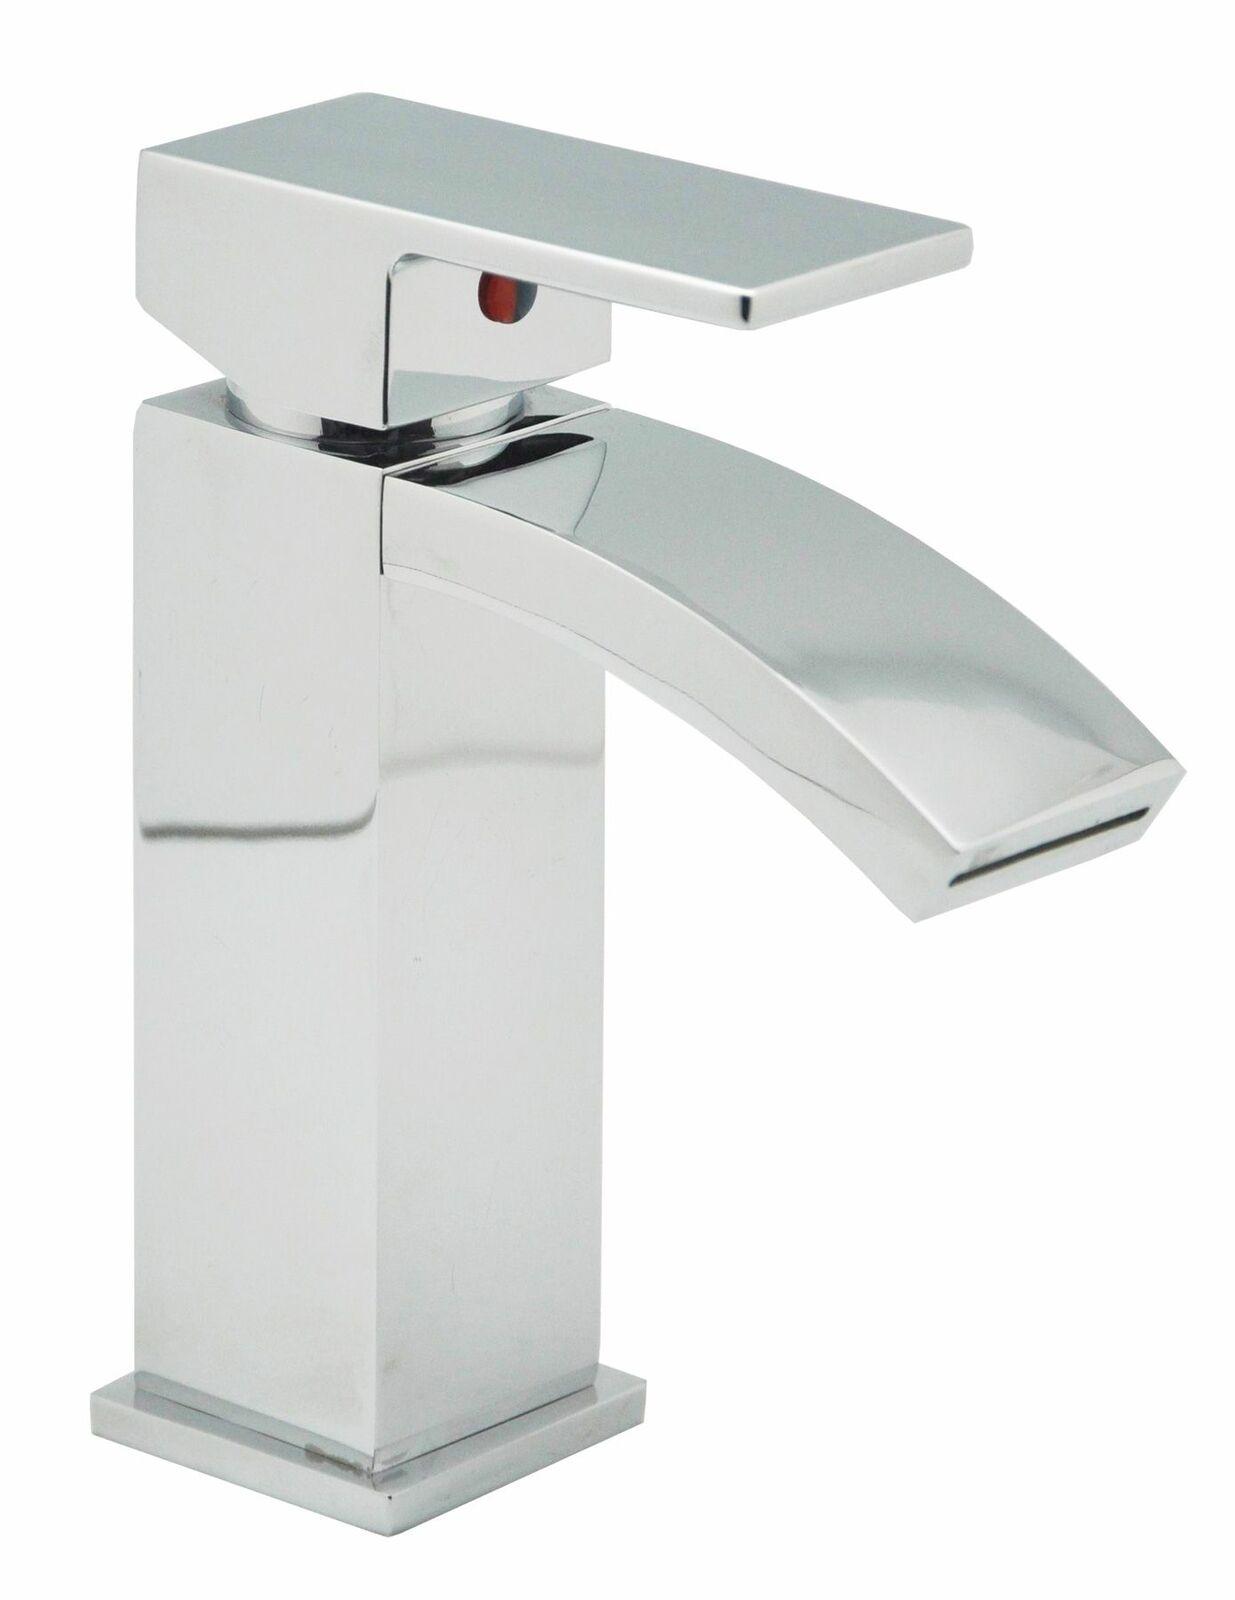 Waschbecken Armatur Badezimmer.Badezimmer Wasserhahn Calli Waschtisch Waschbecken Armatur